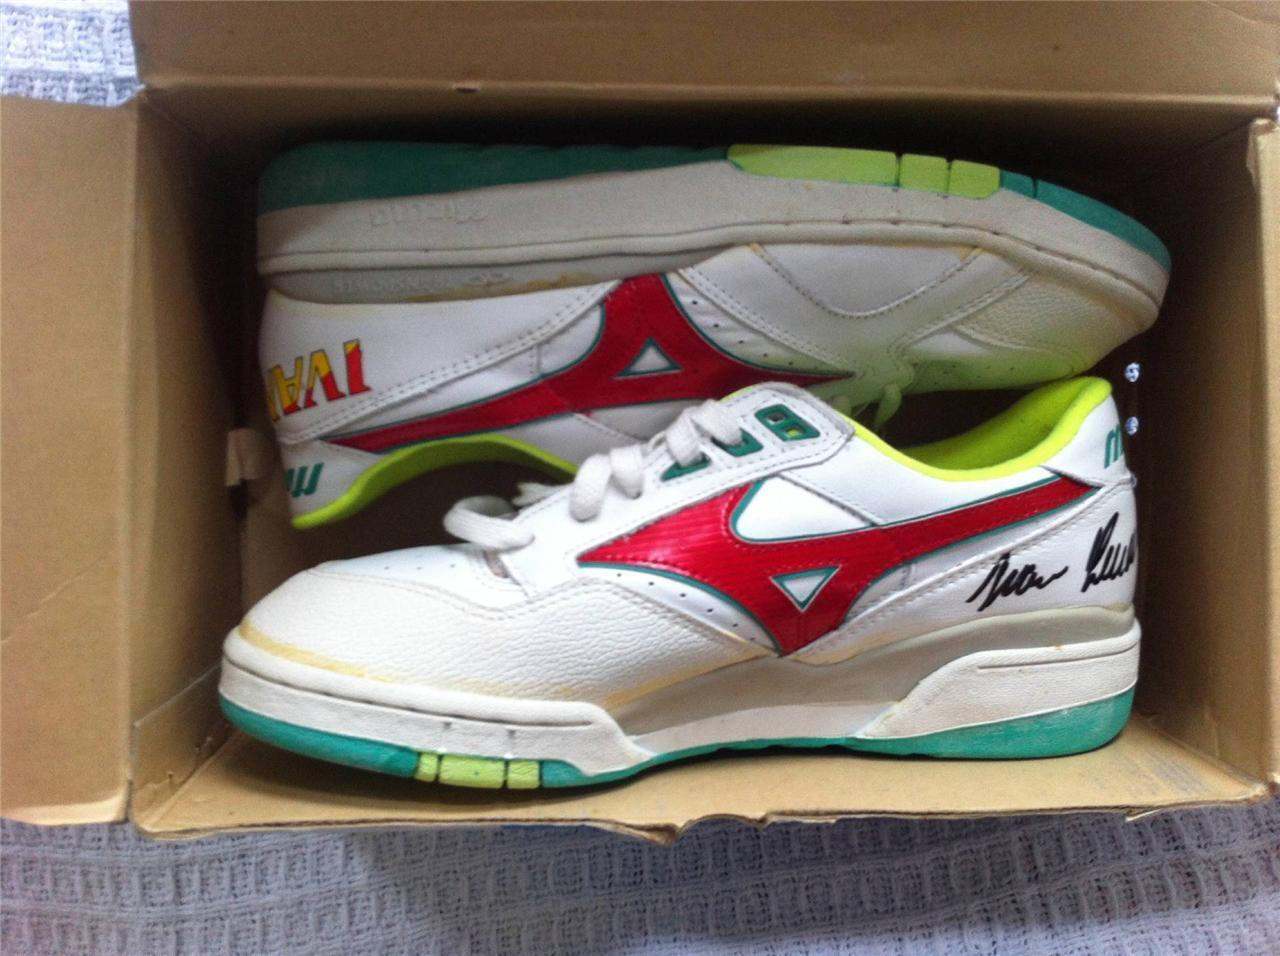 Ivan Lendl Mizuno talla 10 zapatos ultra Rare hermoso Adidas Nike Yeezy Jordania barato y hermoso Rare moda 6e494f